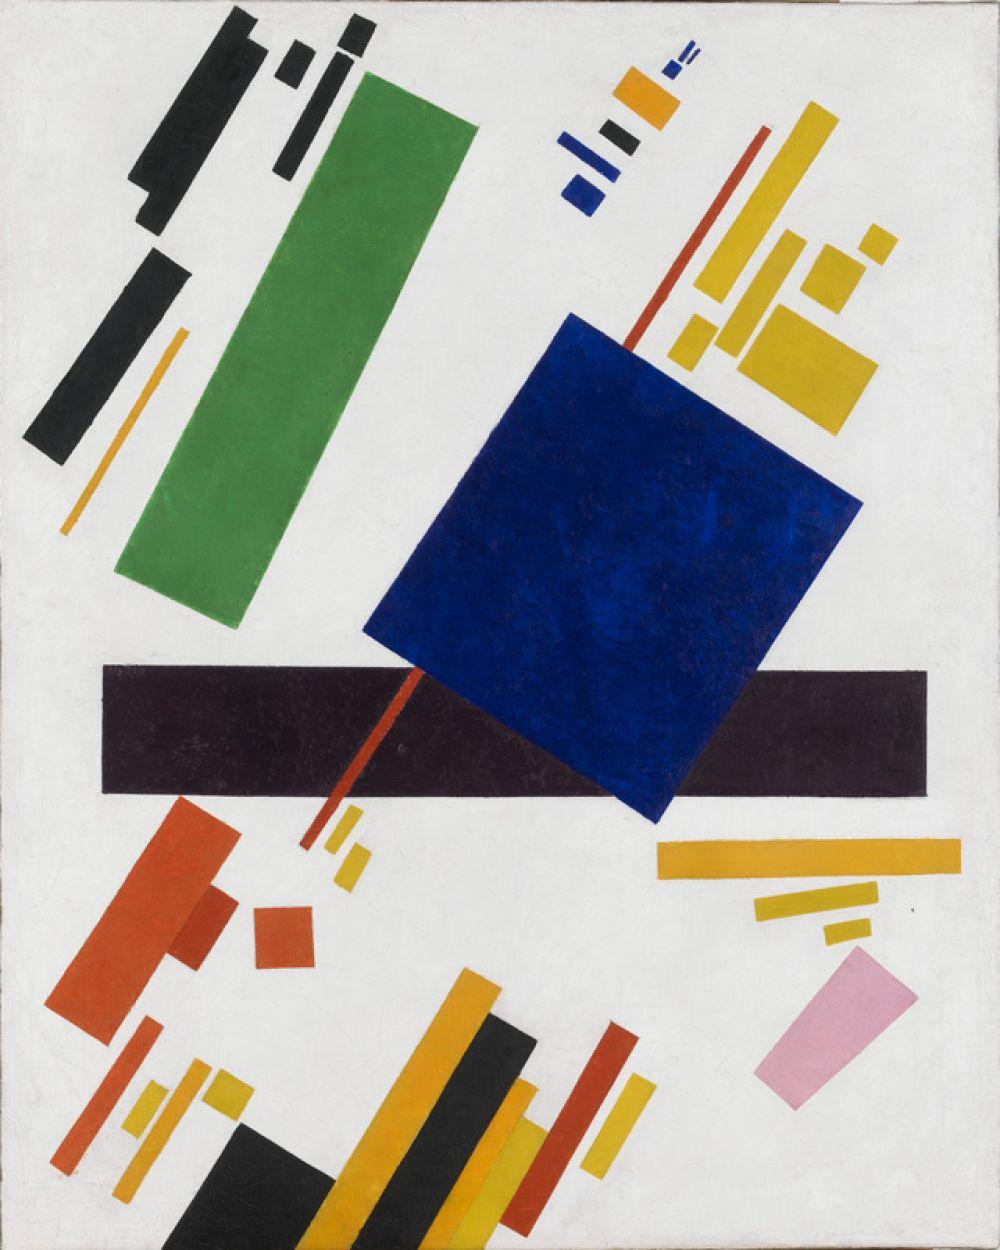 «Супрематическая композиция» (1918), Казимир Малевич. 16 мая 2018 года на аукционе Christie's в Нью-Йорке была продана за 85,8 млн долларов.